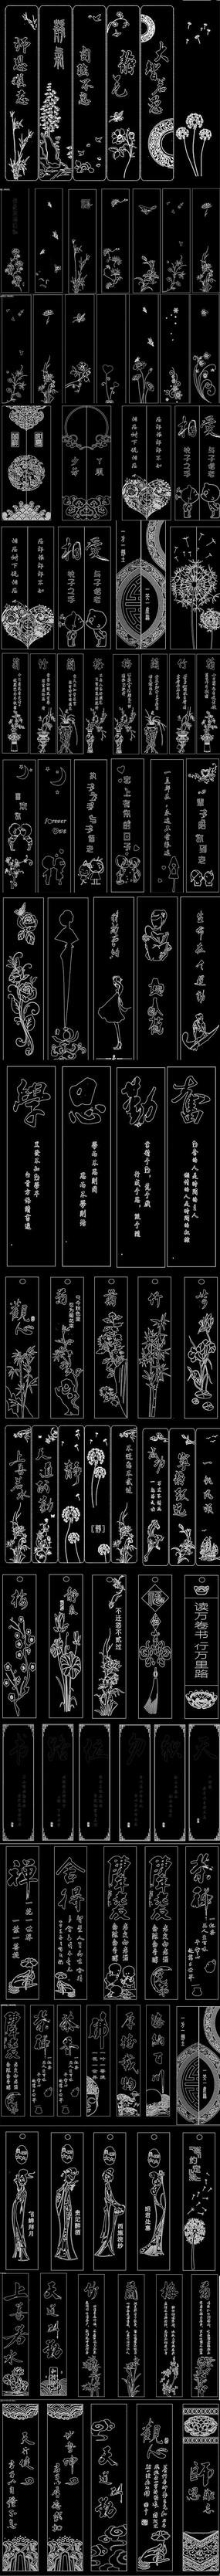 新中式雕刻图案 花纹CAD图库